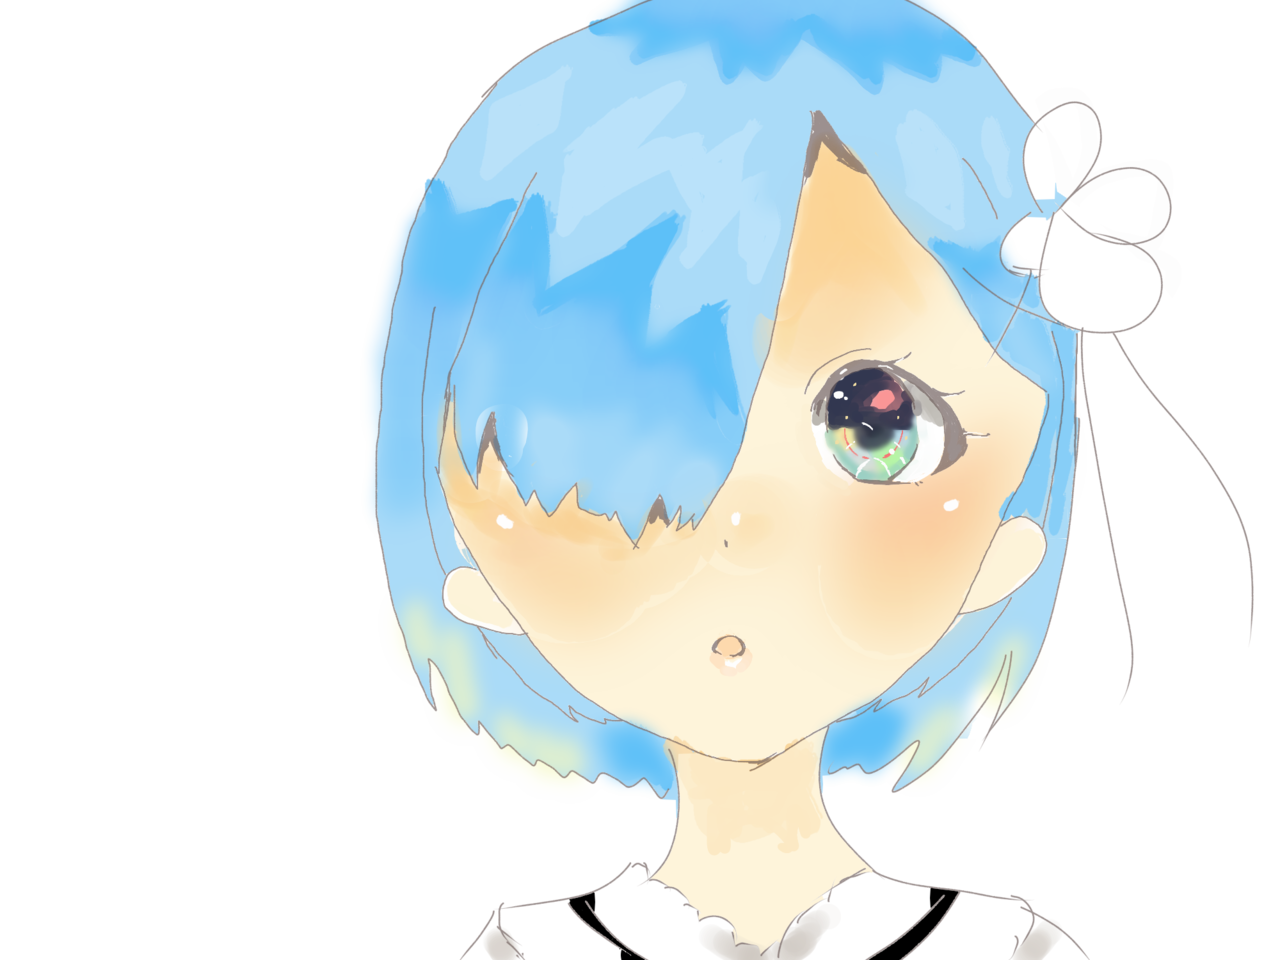 レム Illust of たこ illustration Re:ゼロ painting Re:Zero digital anime girl レム medibanpaint メディバンペイント